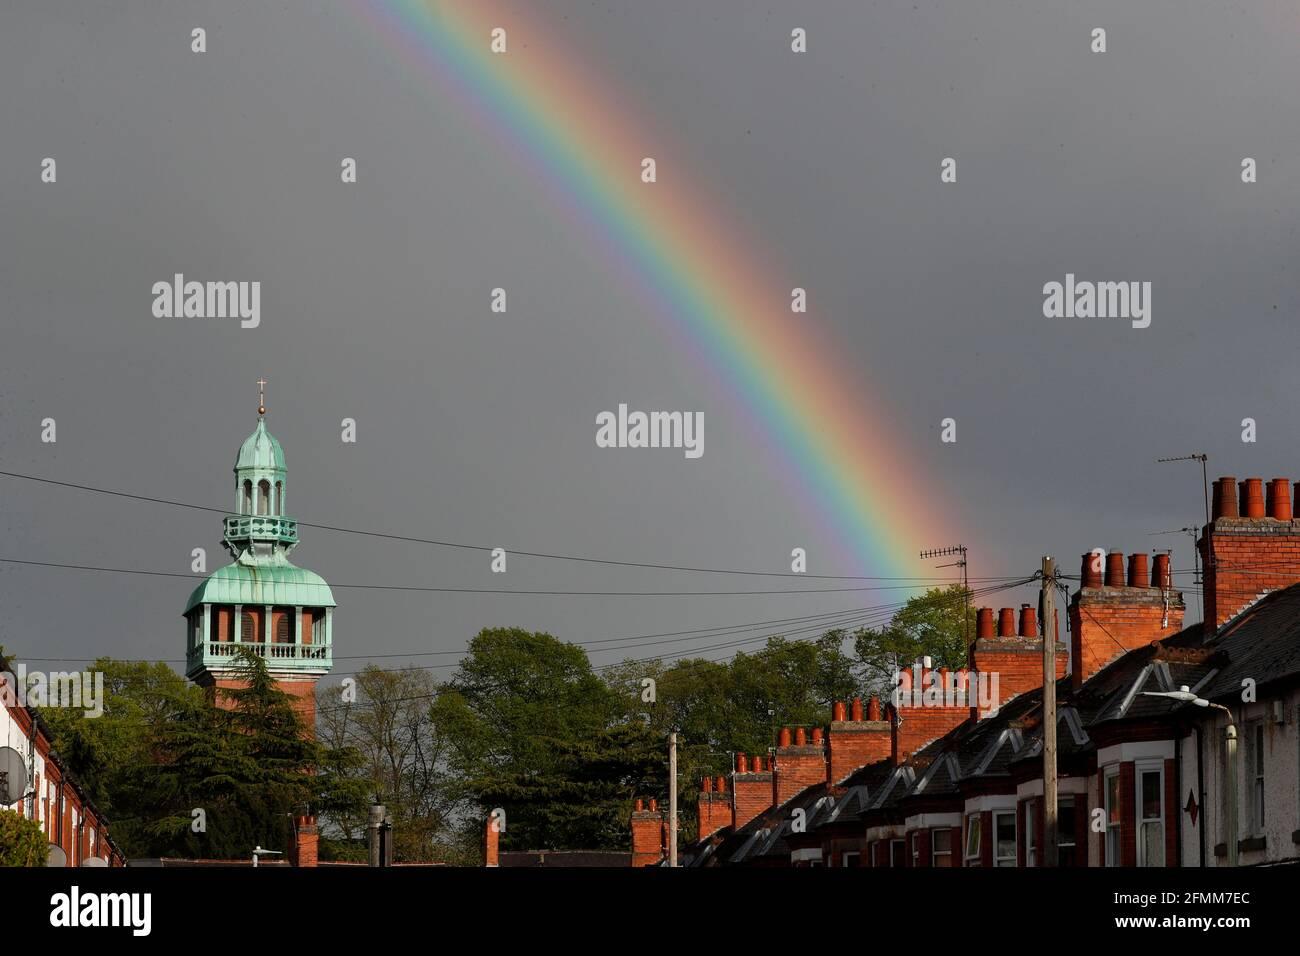 Loughborough, Leicestershire, Reino Unido. 10th de mayo de 2021. El tiempo en el Reino Unido. Un arco iris se forma sobre el Carillon después de la lluvia. Credit Darren Staples/Alamy Live News. Foto de stock